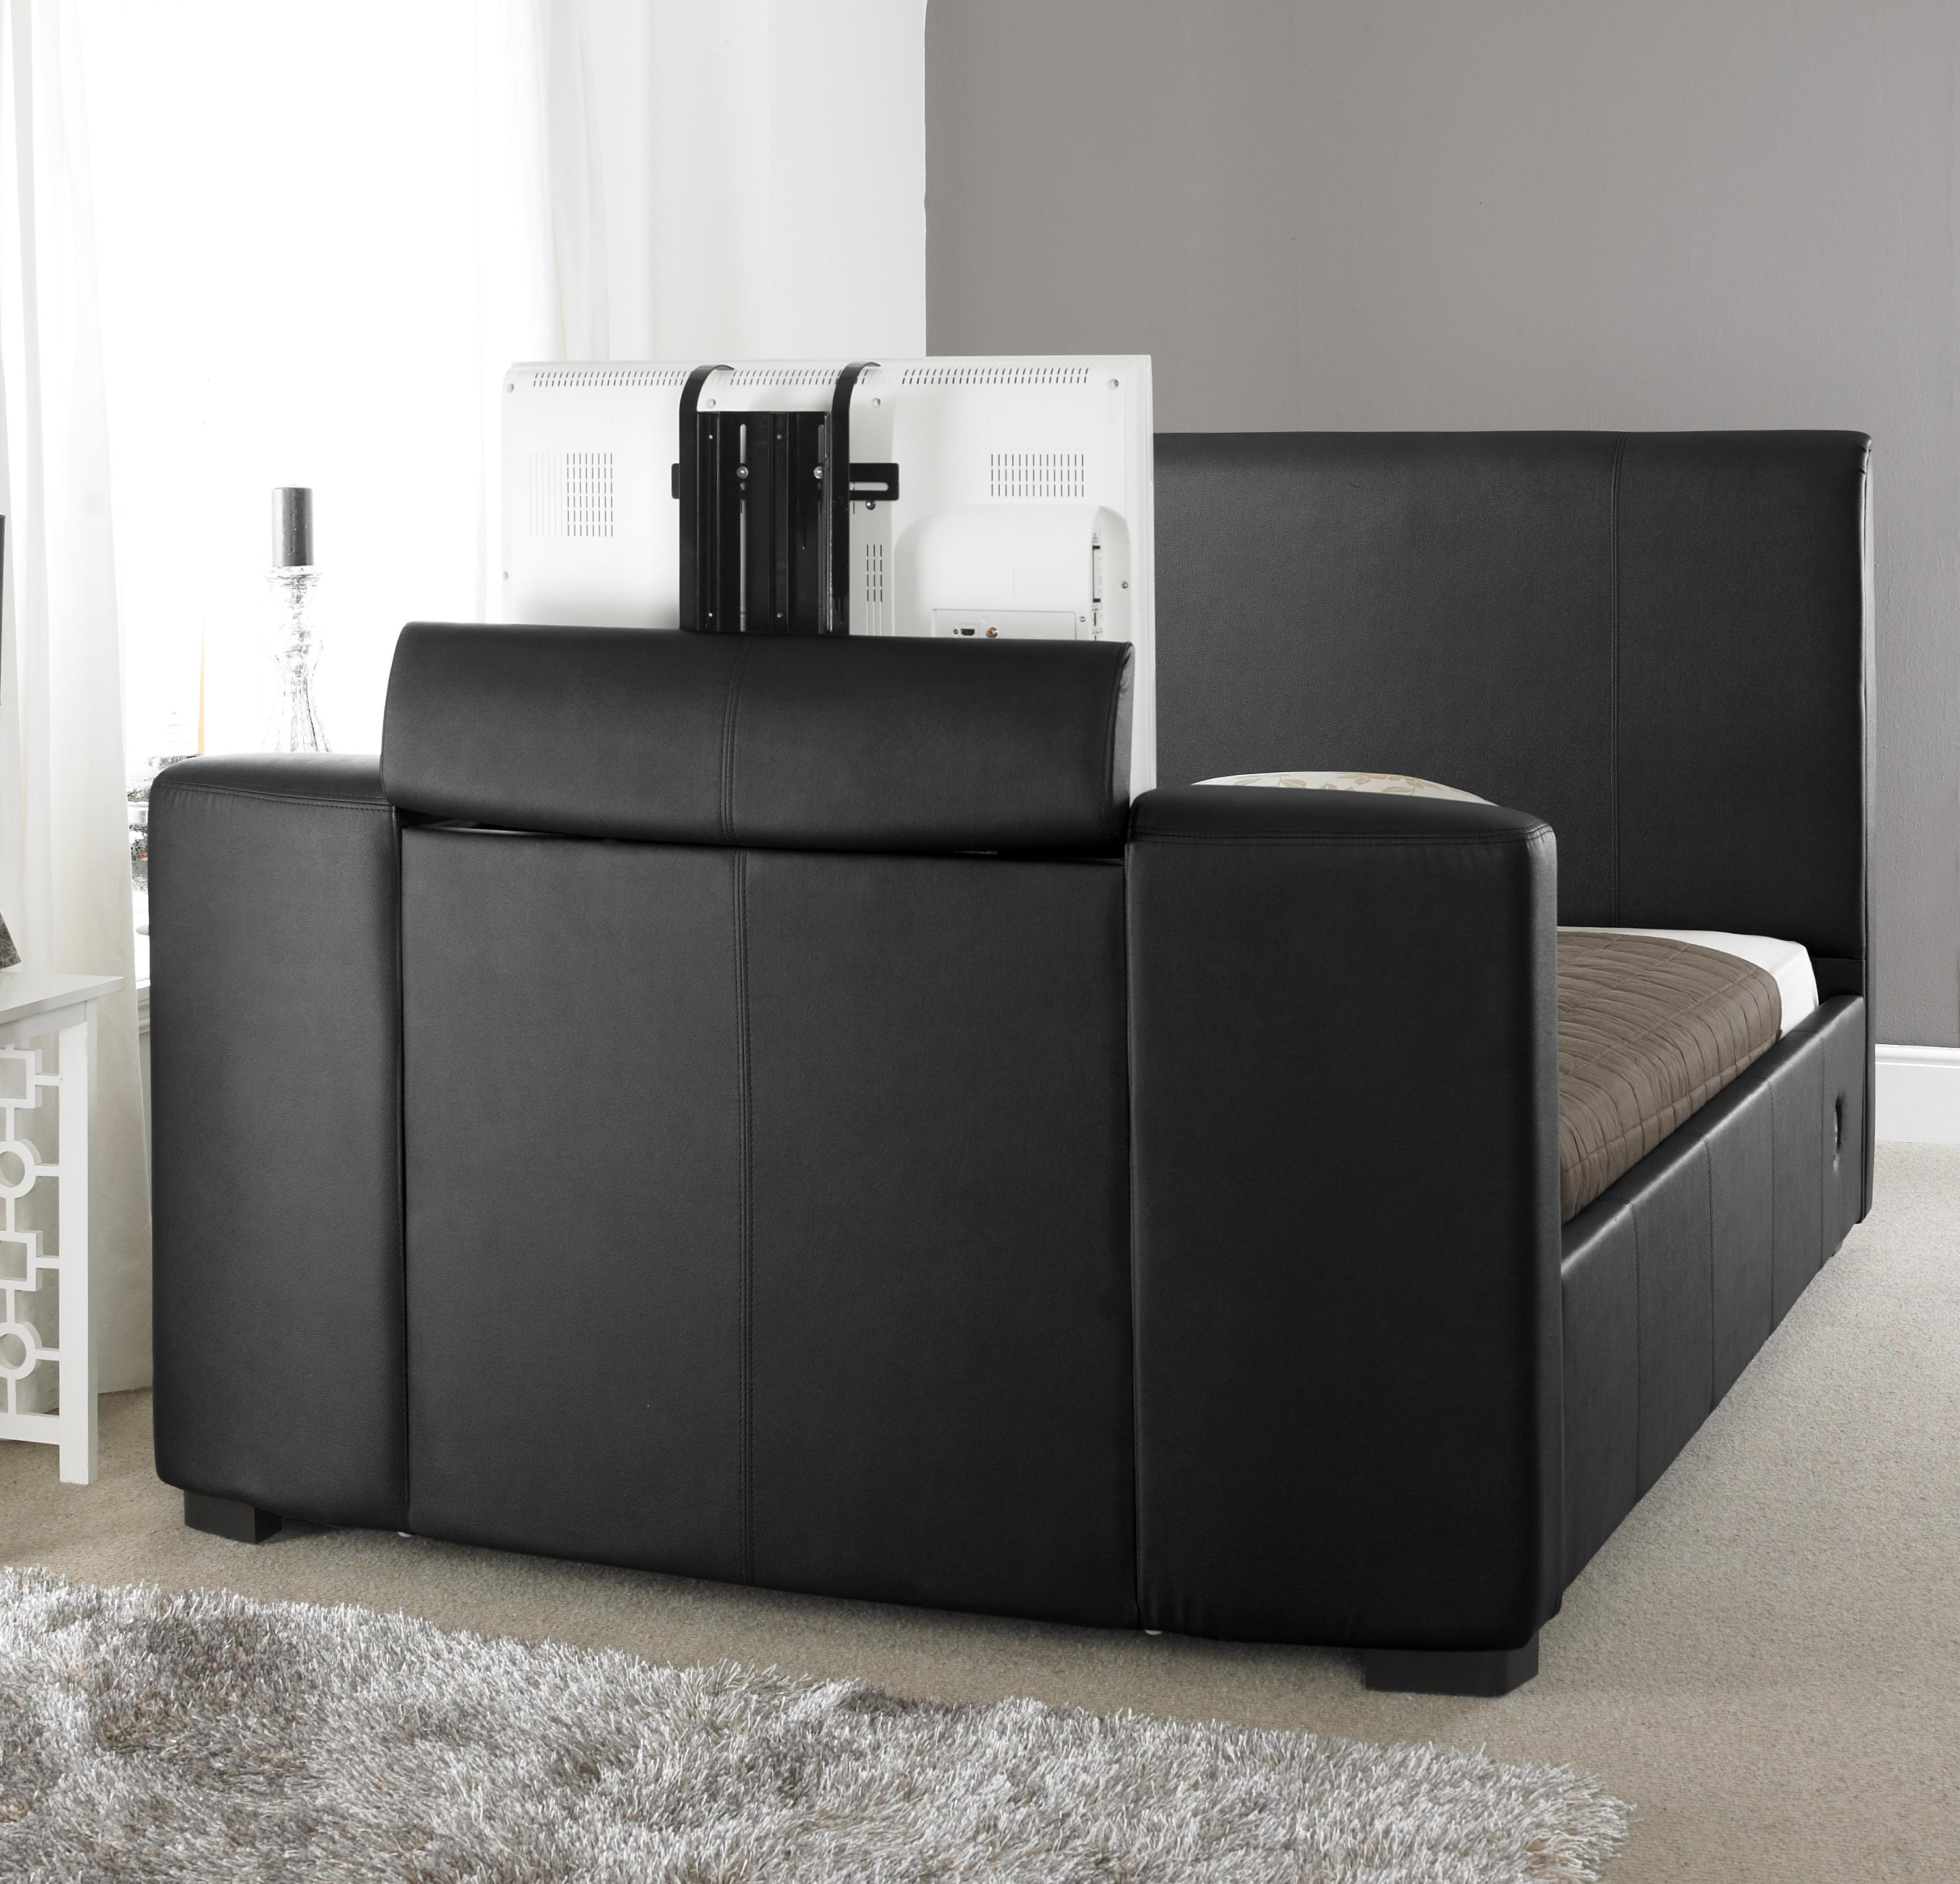 Express Black Tv Bed 4ft6 5ft 6ft